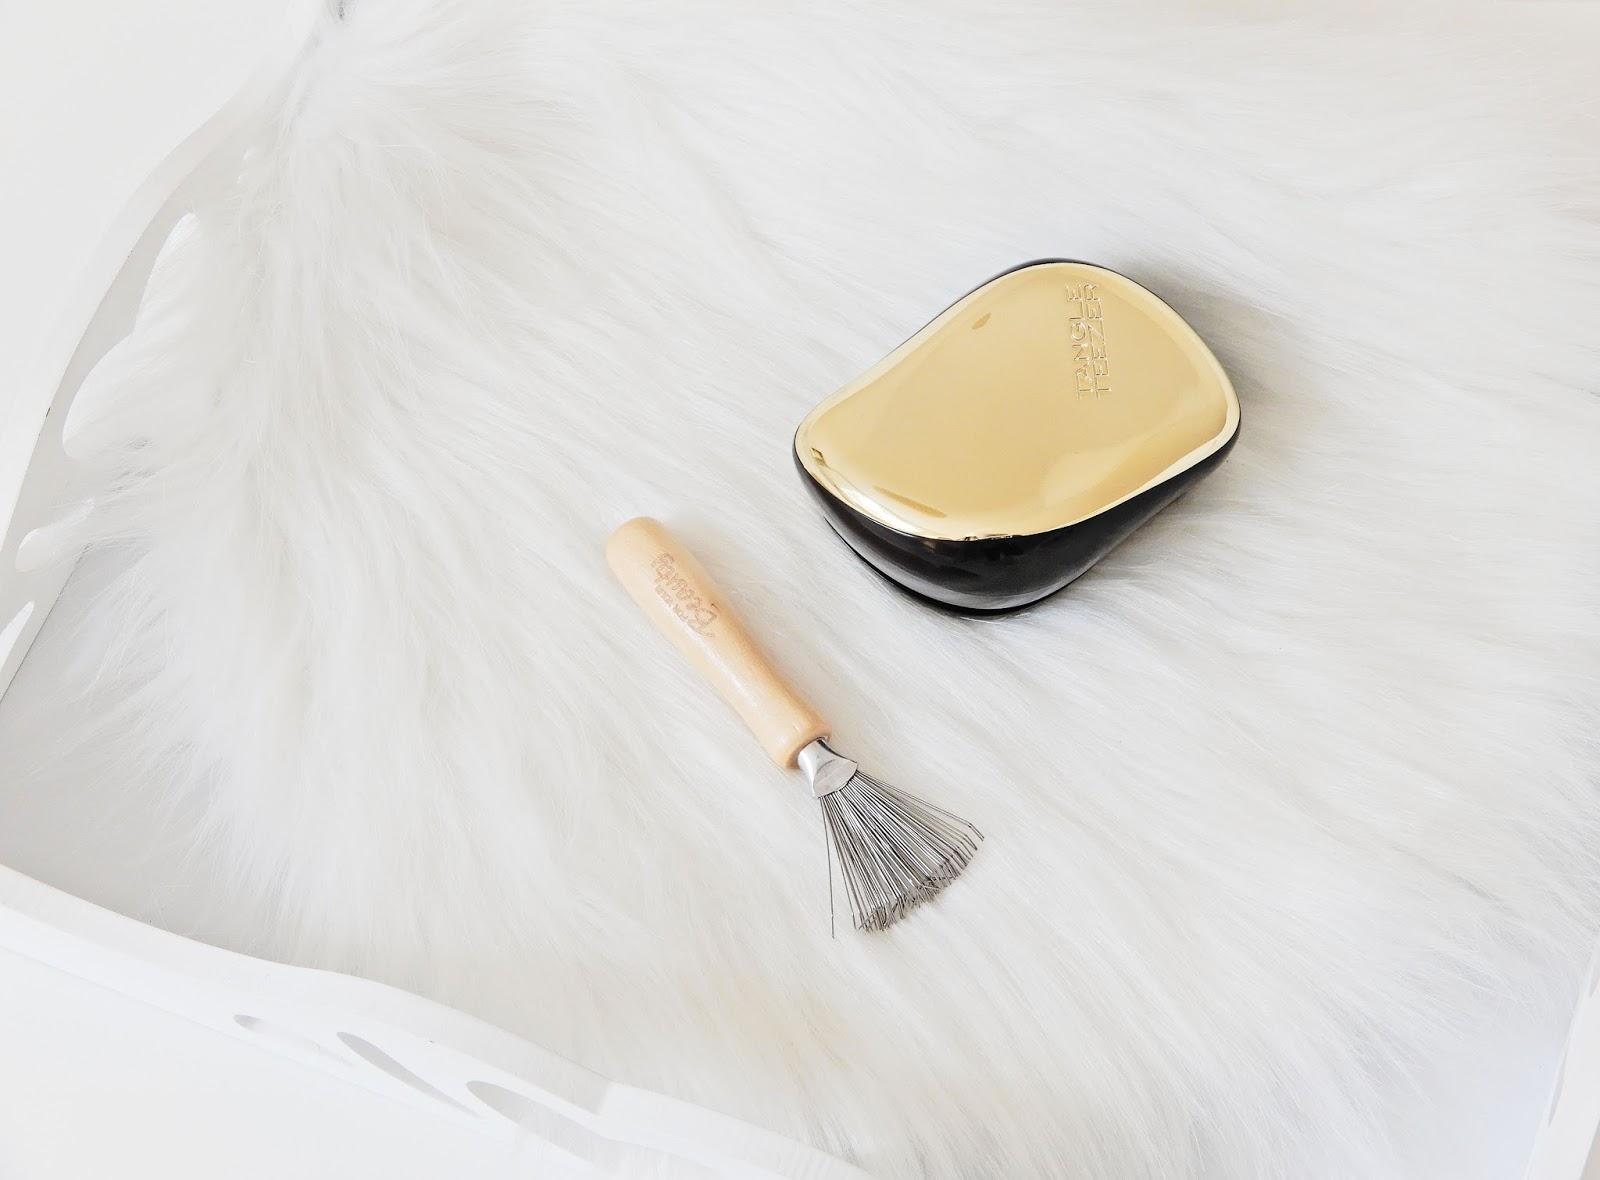 Przyrząd do czyszczenie szczotek do włosów, grabki do szczotek, czyszczenie szczotek, grabki z Rossmanna,Tangle Teezer Compact Styler, Tangle Teezer, angle Teezer Compact Styler Gold, r